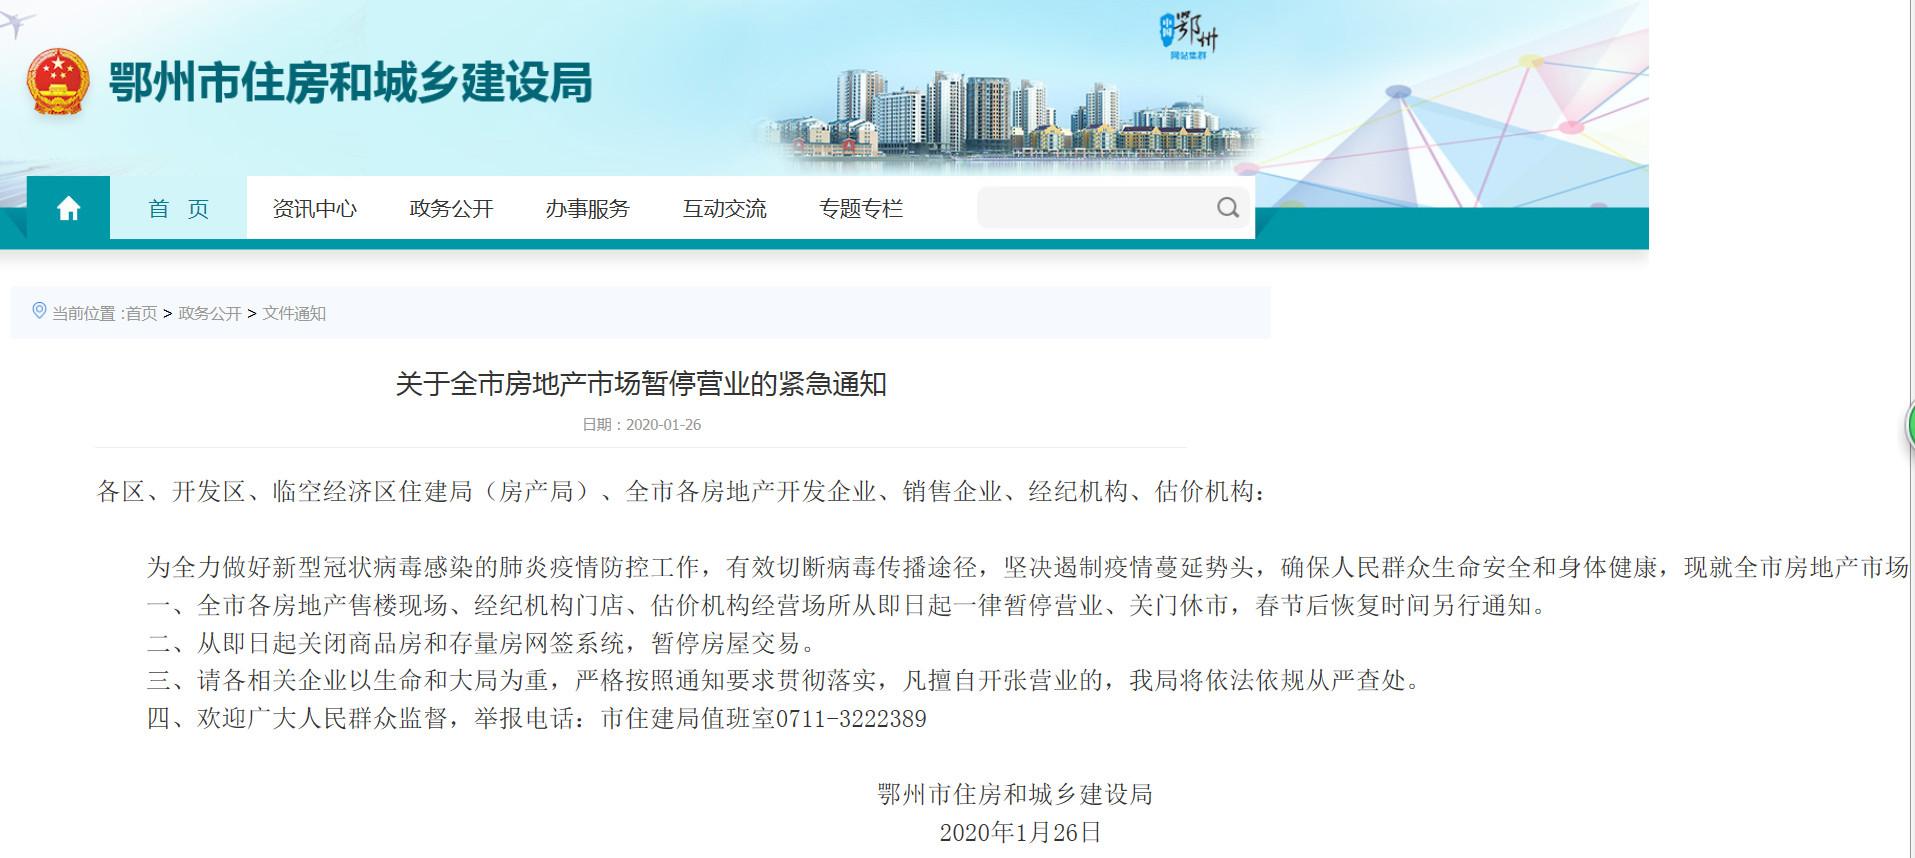 截图来源:鄂州市住建局网站